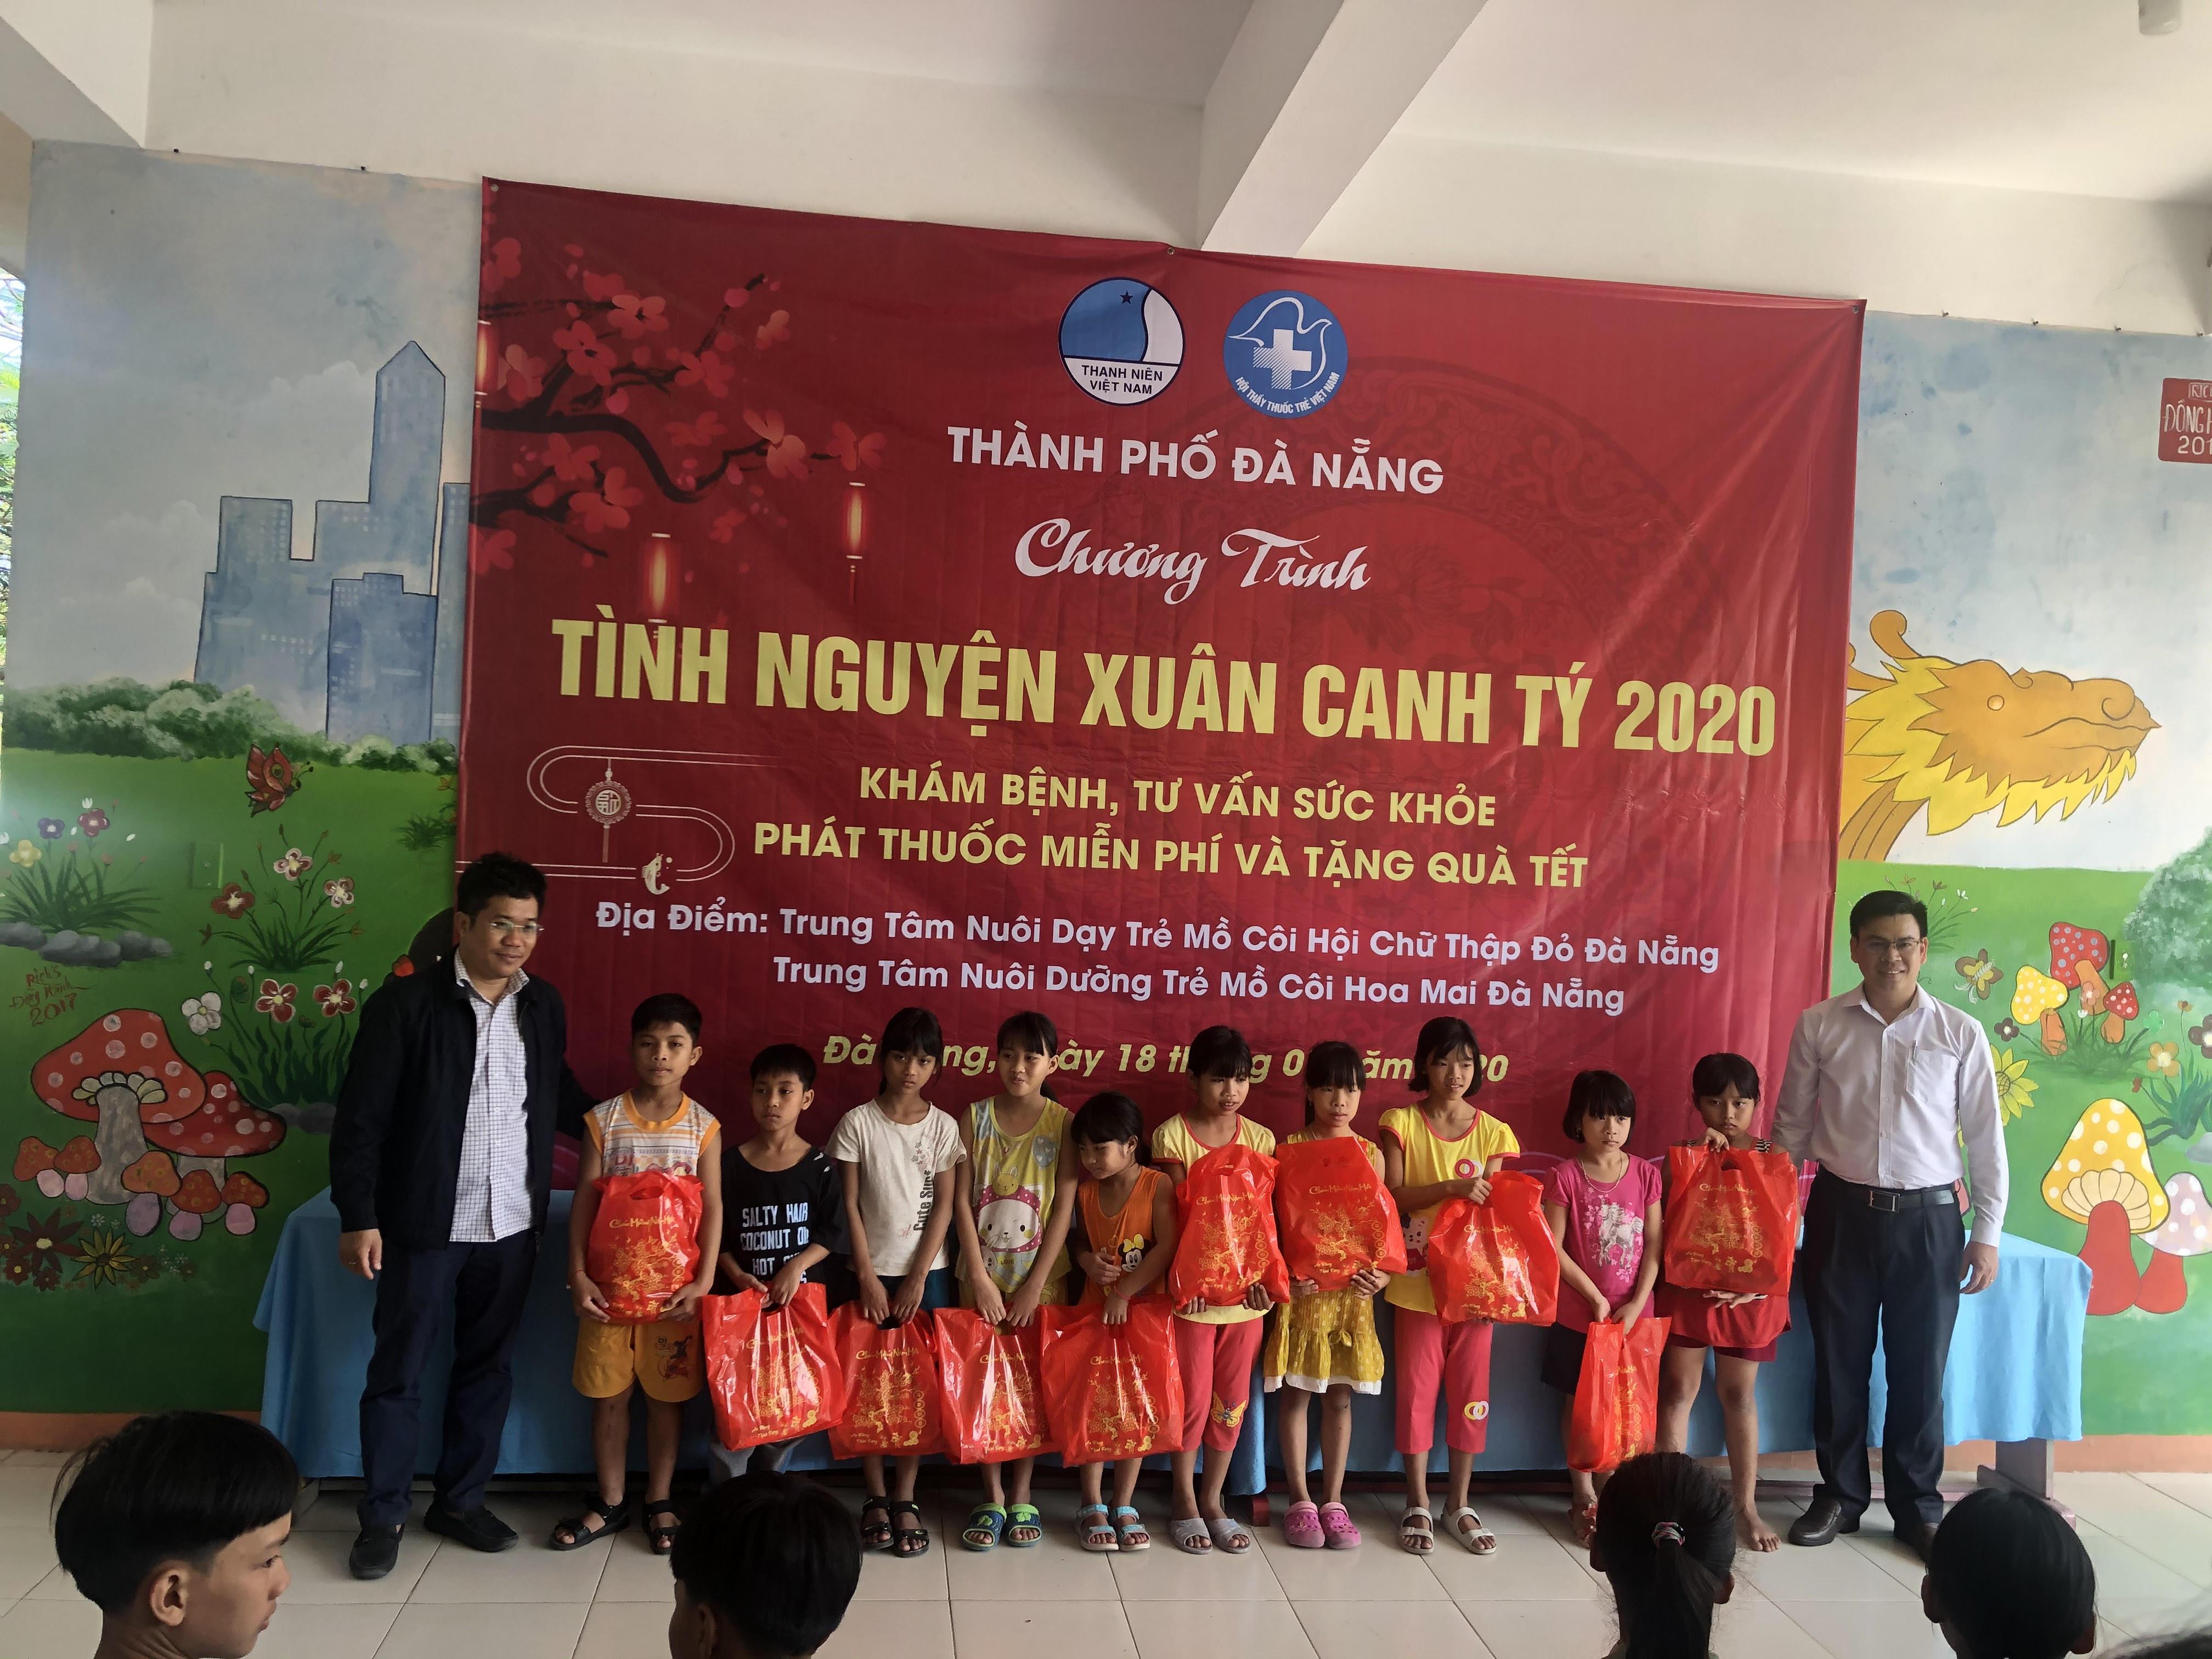 """Hội Thầy Thuốc trẻ Tp Đà Nẵng đã tổ chức chương trình """"Khám bệnh, tư vấn sức khỏe, phát thuốc miễn phí và tặng quà Tết cho trẻ em khuyết tật và mồ côi tại thành phố Đà Nẵng."""